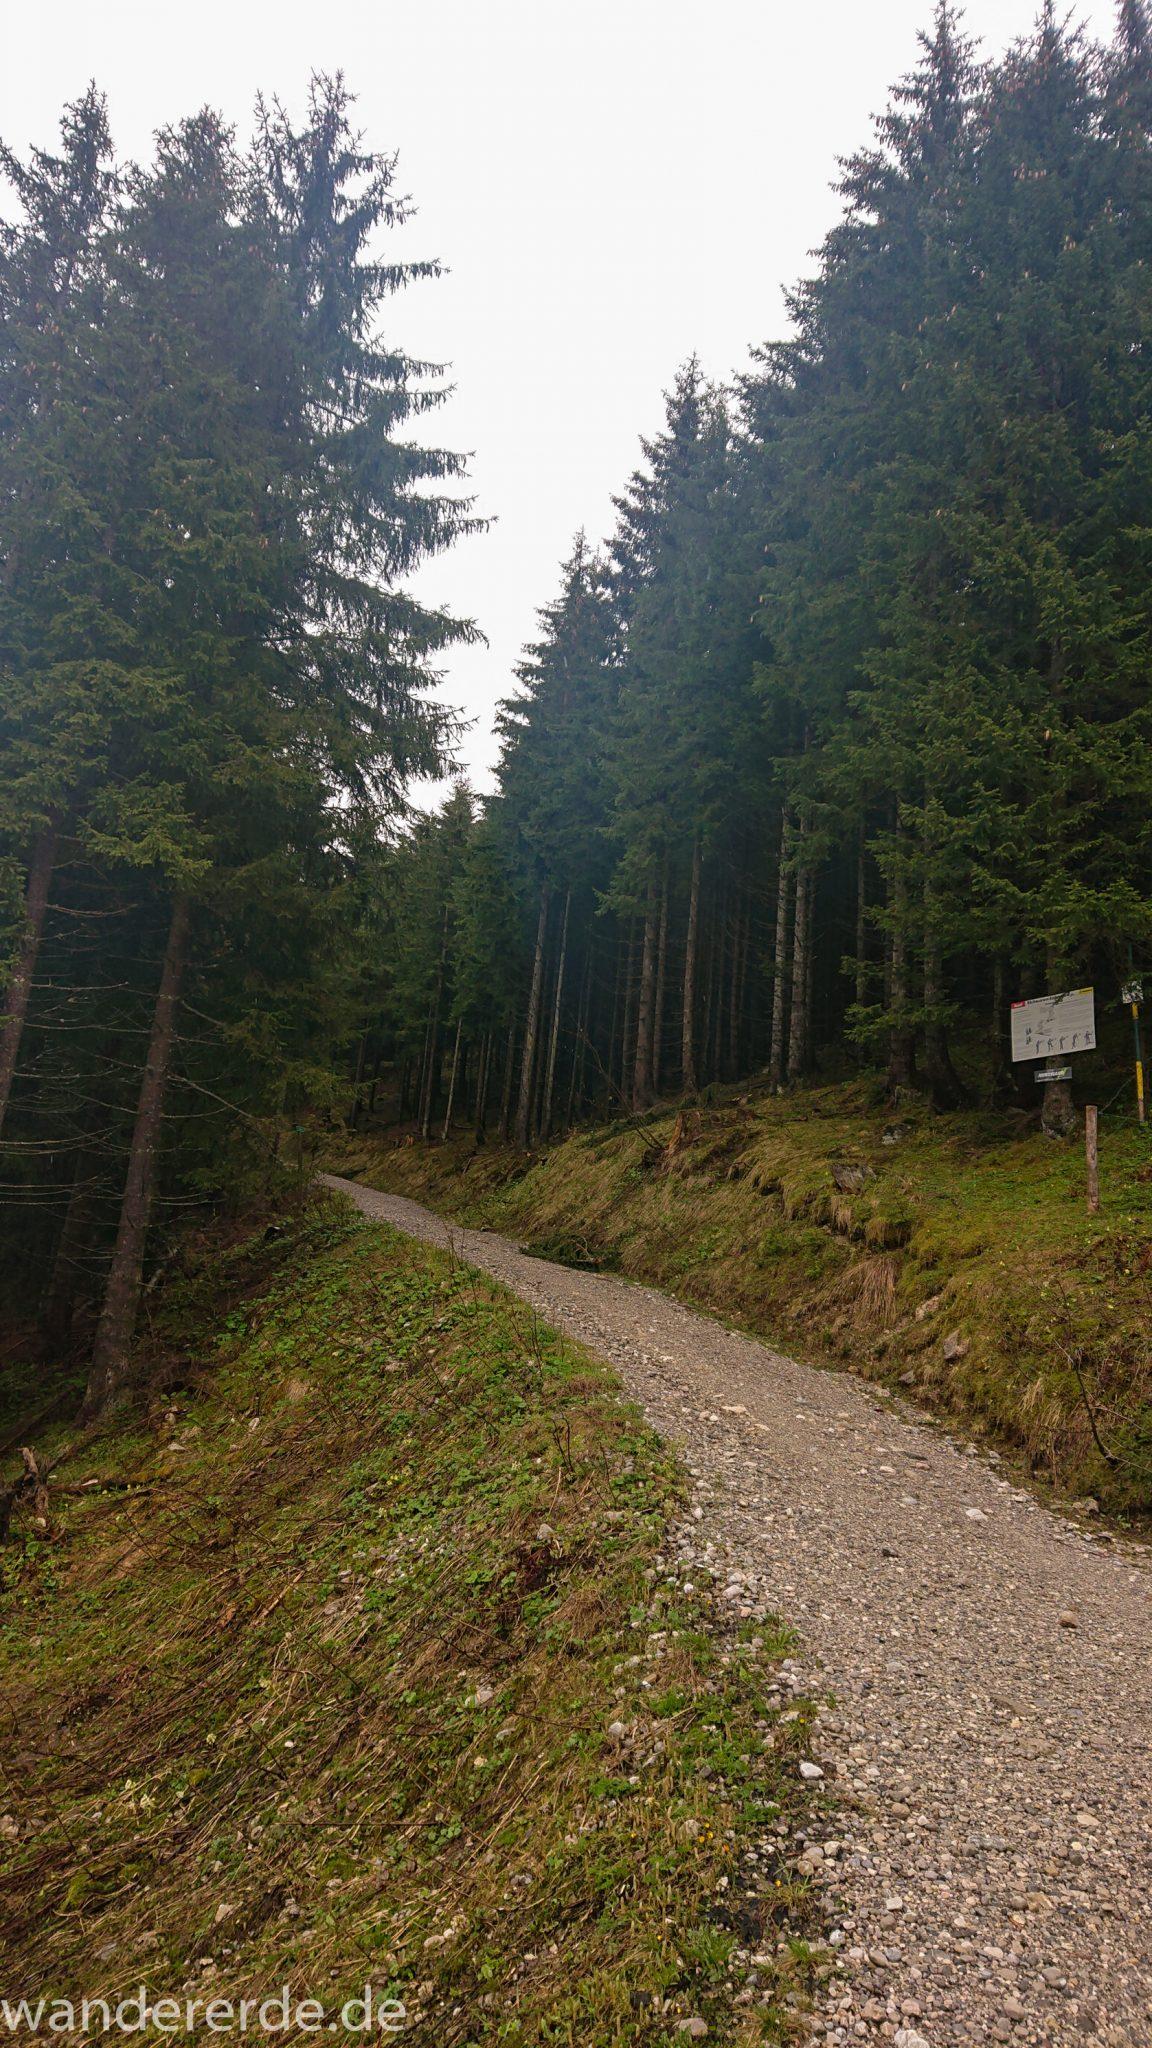 Tegelbergkopf Wanderung bei Stadt Füssen – Parkplatz Drehhütte bis Rohrkopfhütte, Wanderweg steil bergauf zum Tegelberg durch schönen und dichten Wald, wolkig, tolle Atmosphäre, saftig grüne Wiese